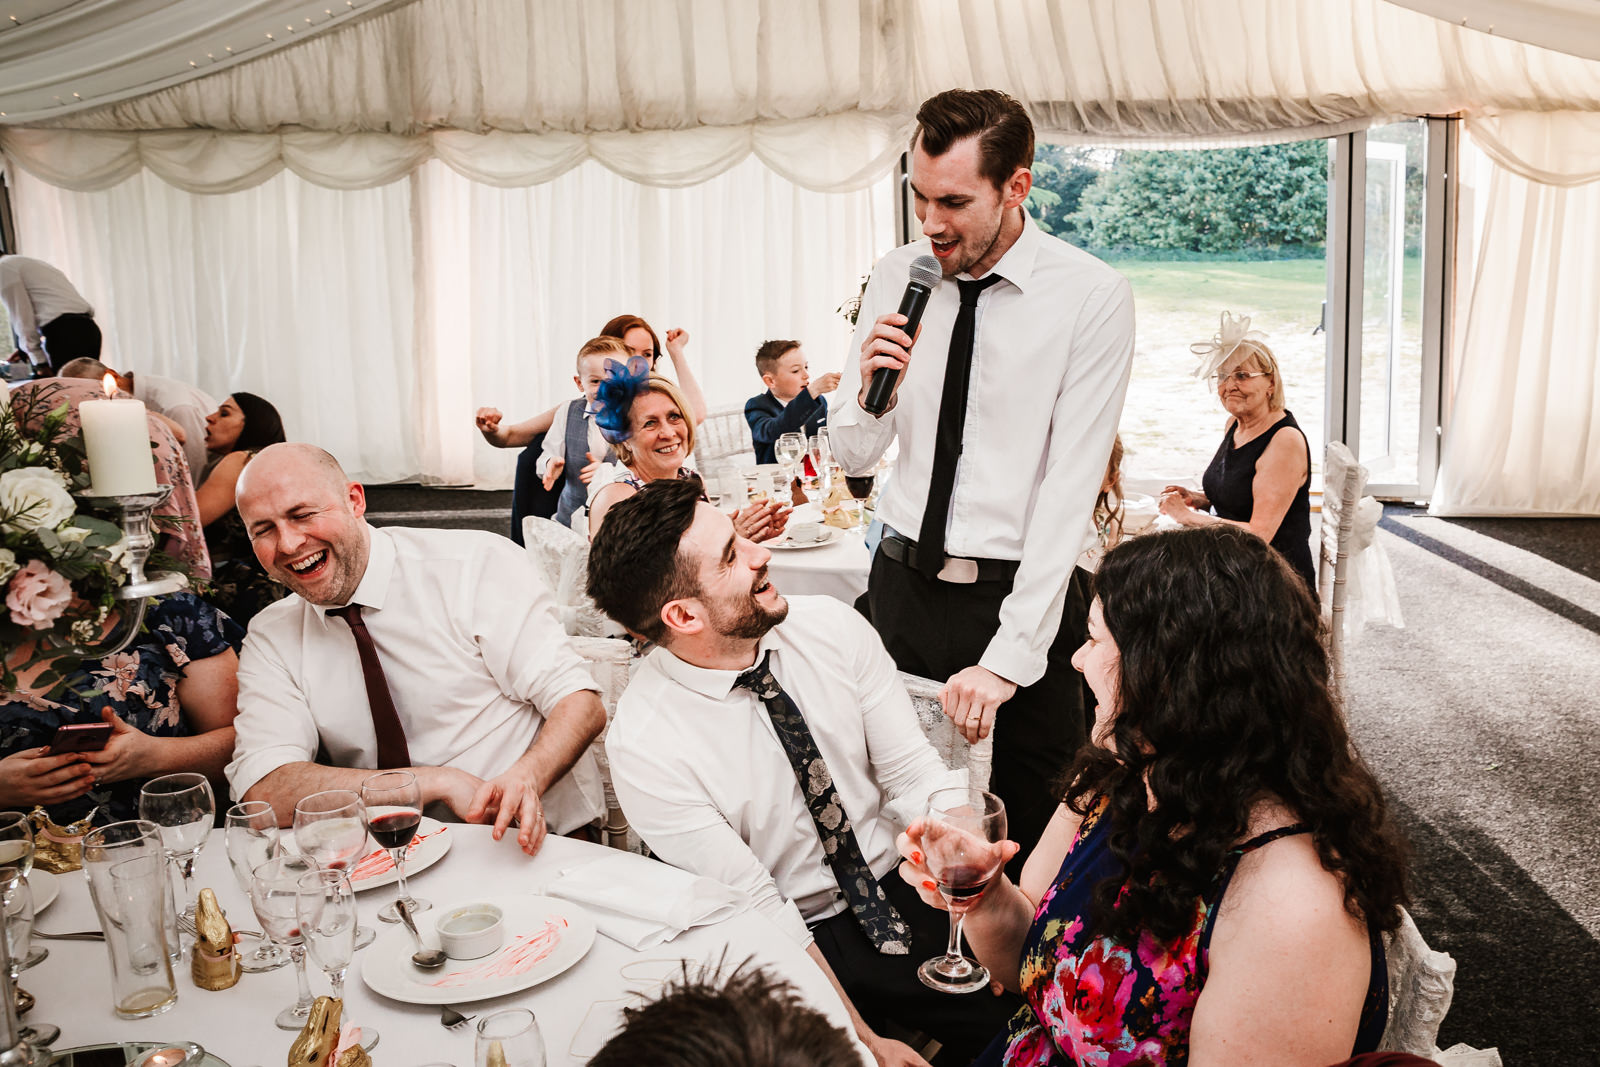 Singing waiters entertaining